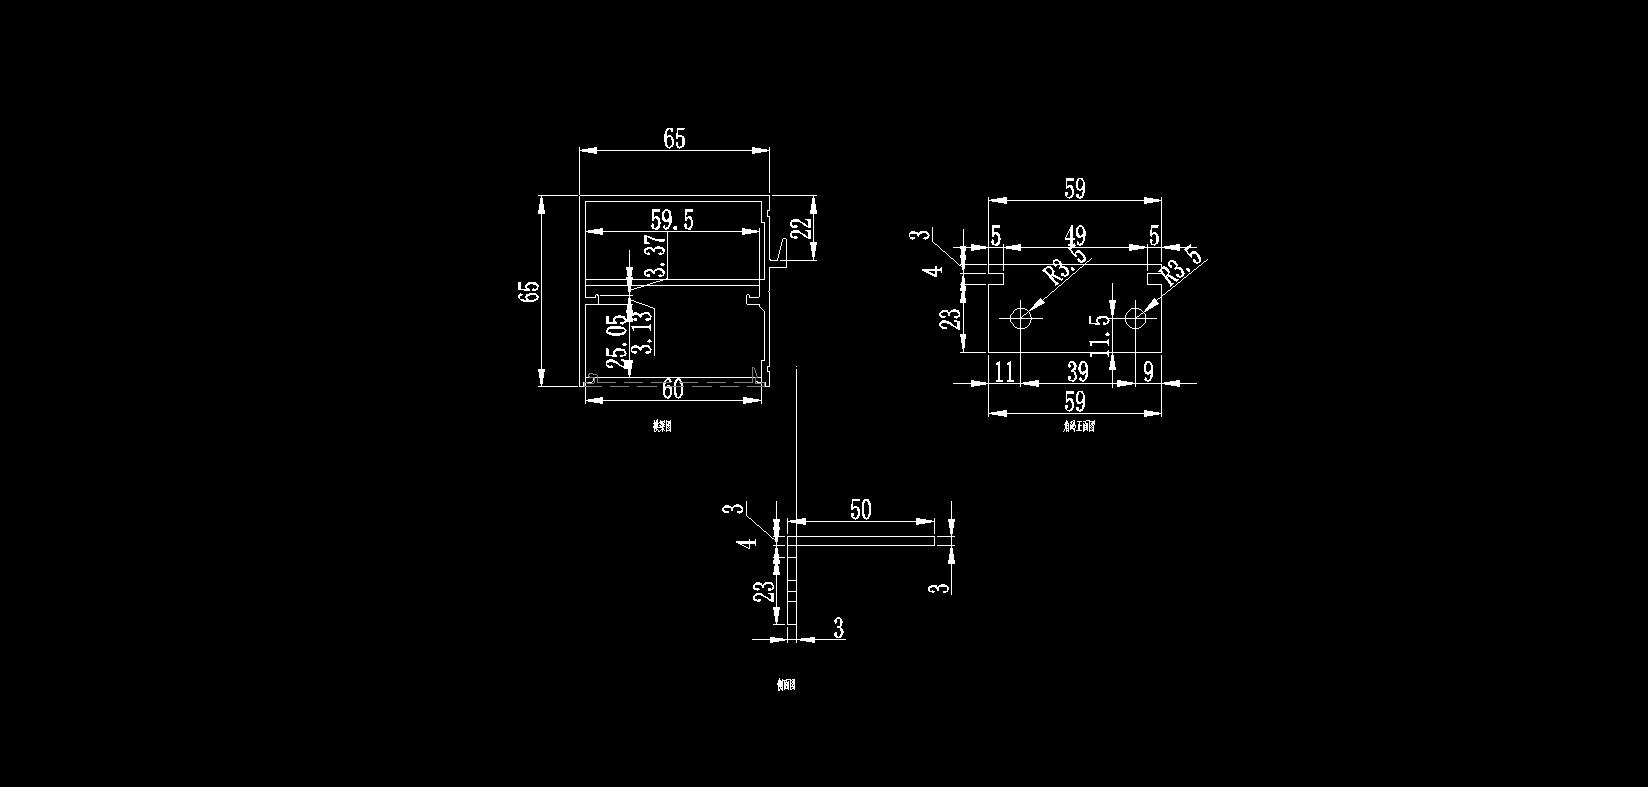 幕墙图纸连接角铝开槽方法在上表横梁示测量点图片